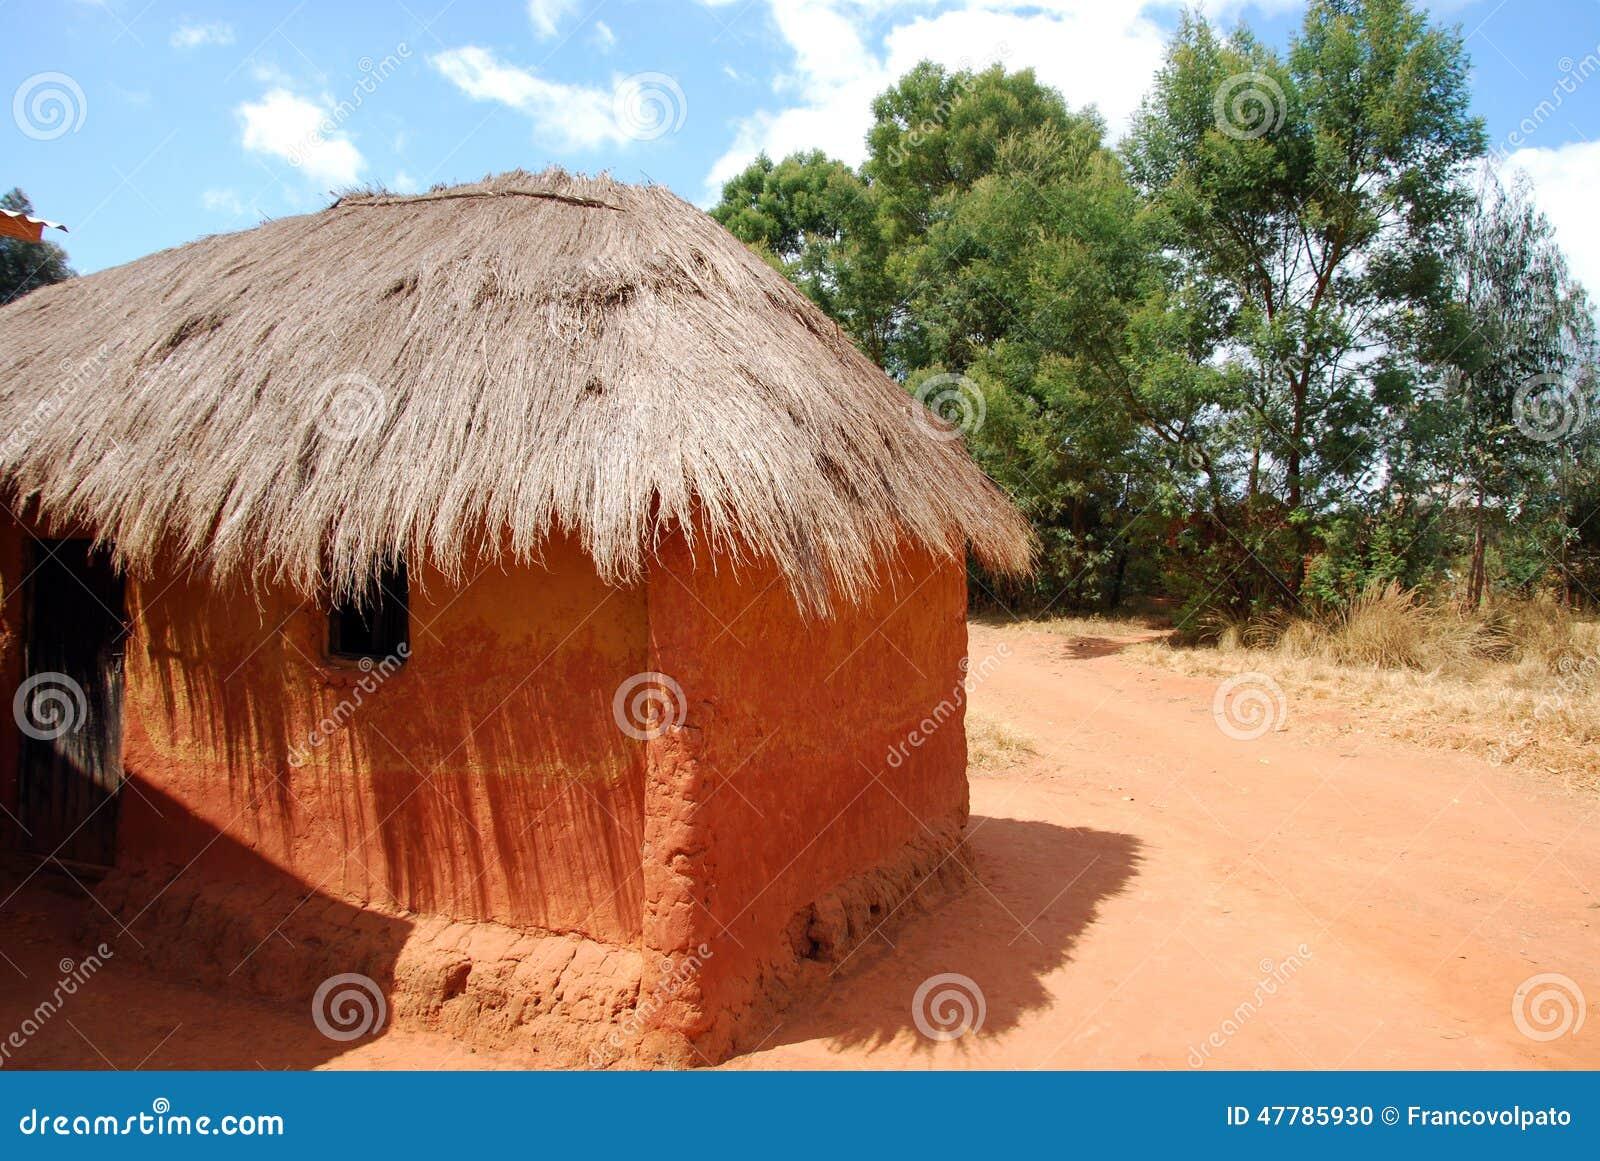 Une maison africaine typique dans le village de pomerini la tanzanie photo stock